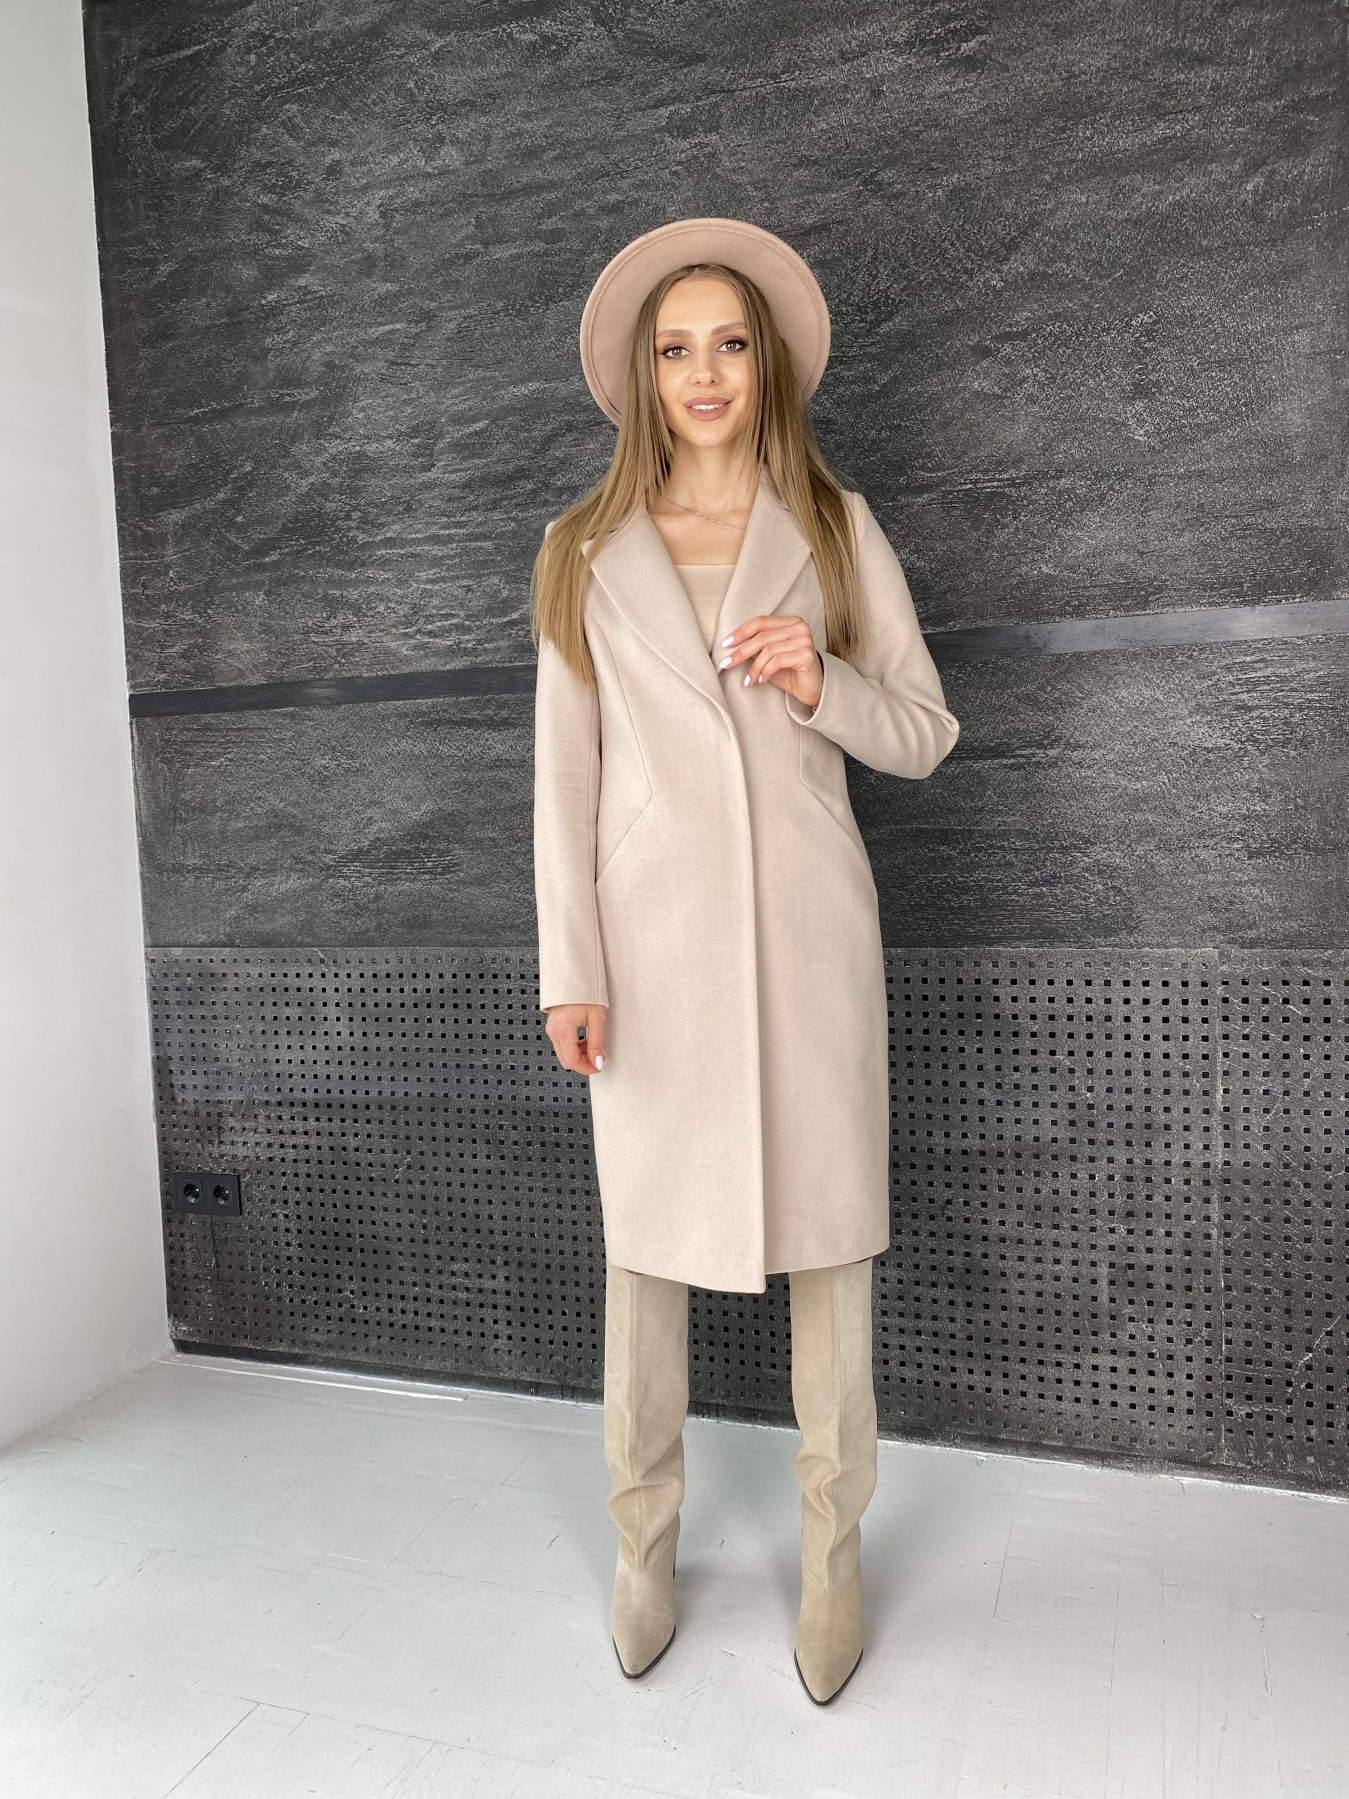 Мехико пальто из гладкого кашемира 10891 АРТ. 47359 Цвет: Кофе - фото 2, интернет магазин tm-modus.ru